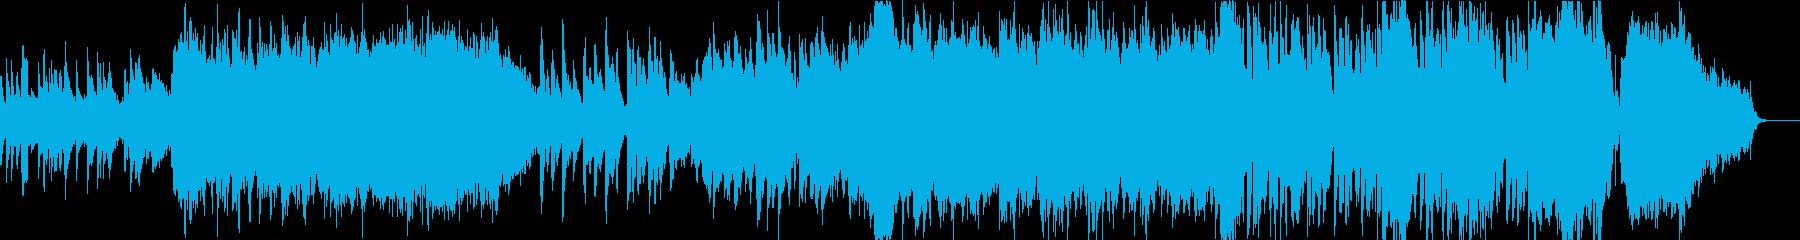 琴の音が印象的な日本的で和風なBGMの再生済みの波形